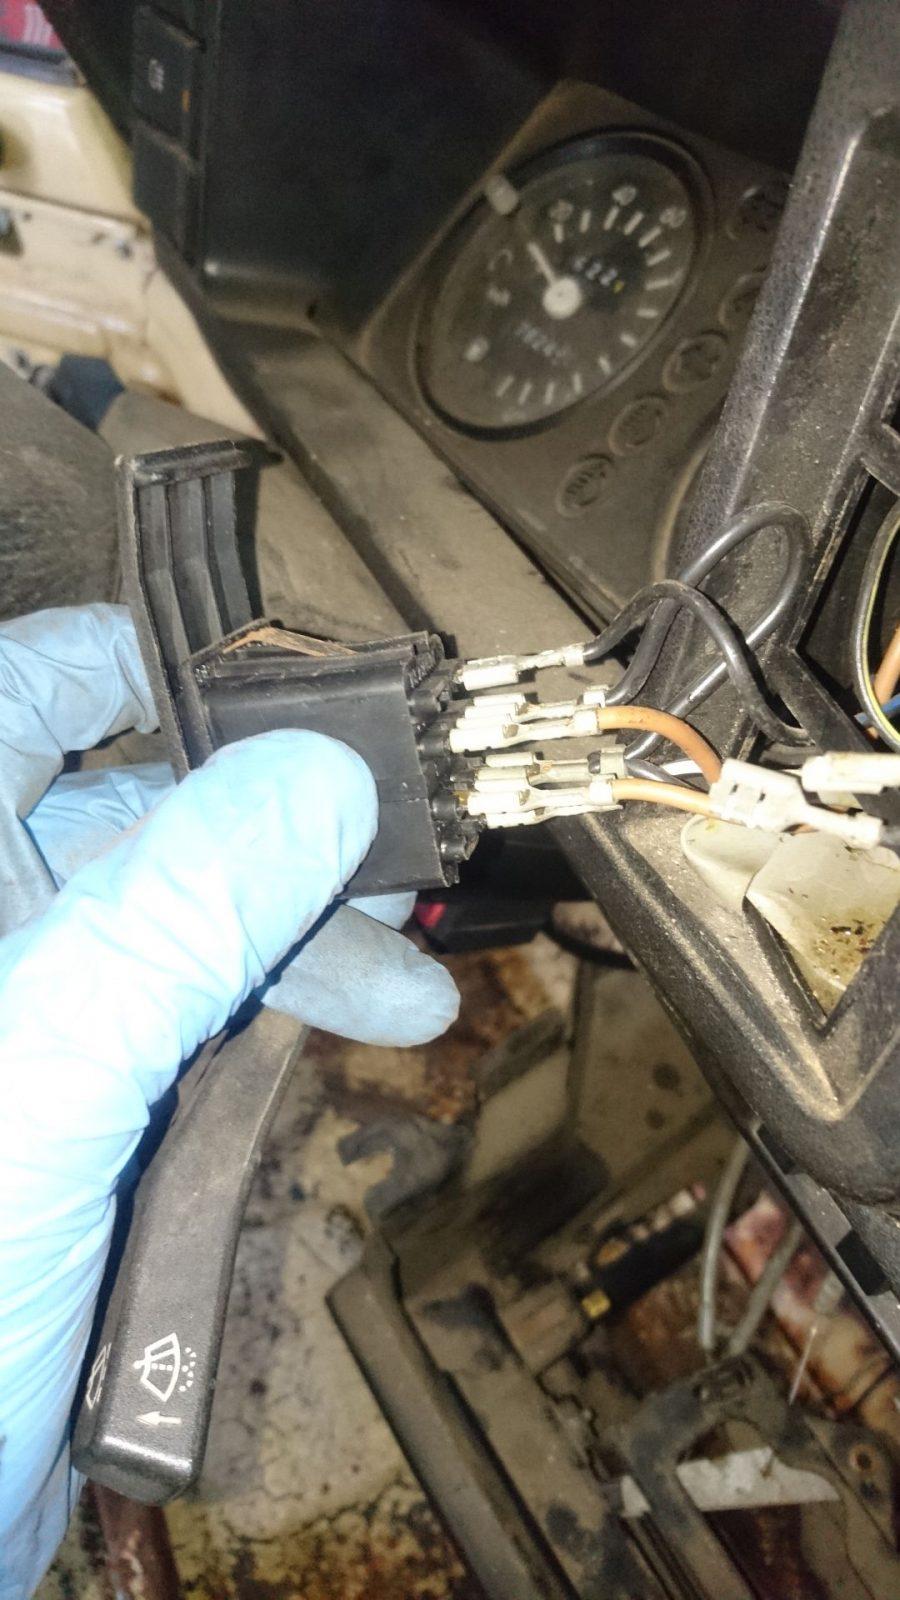 Die Anschlüsse und Kabel auf der Rückseite (unten) des Schalters der Heckscheiben-Wisch-Wasch-Anlage.